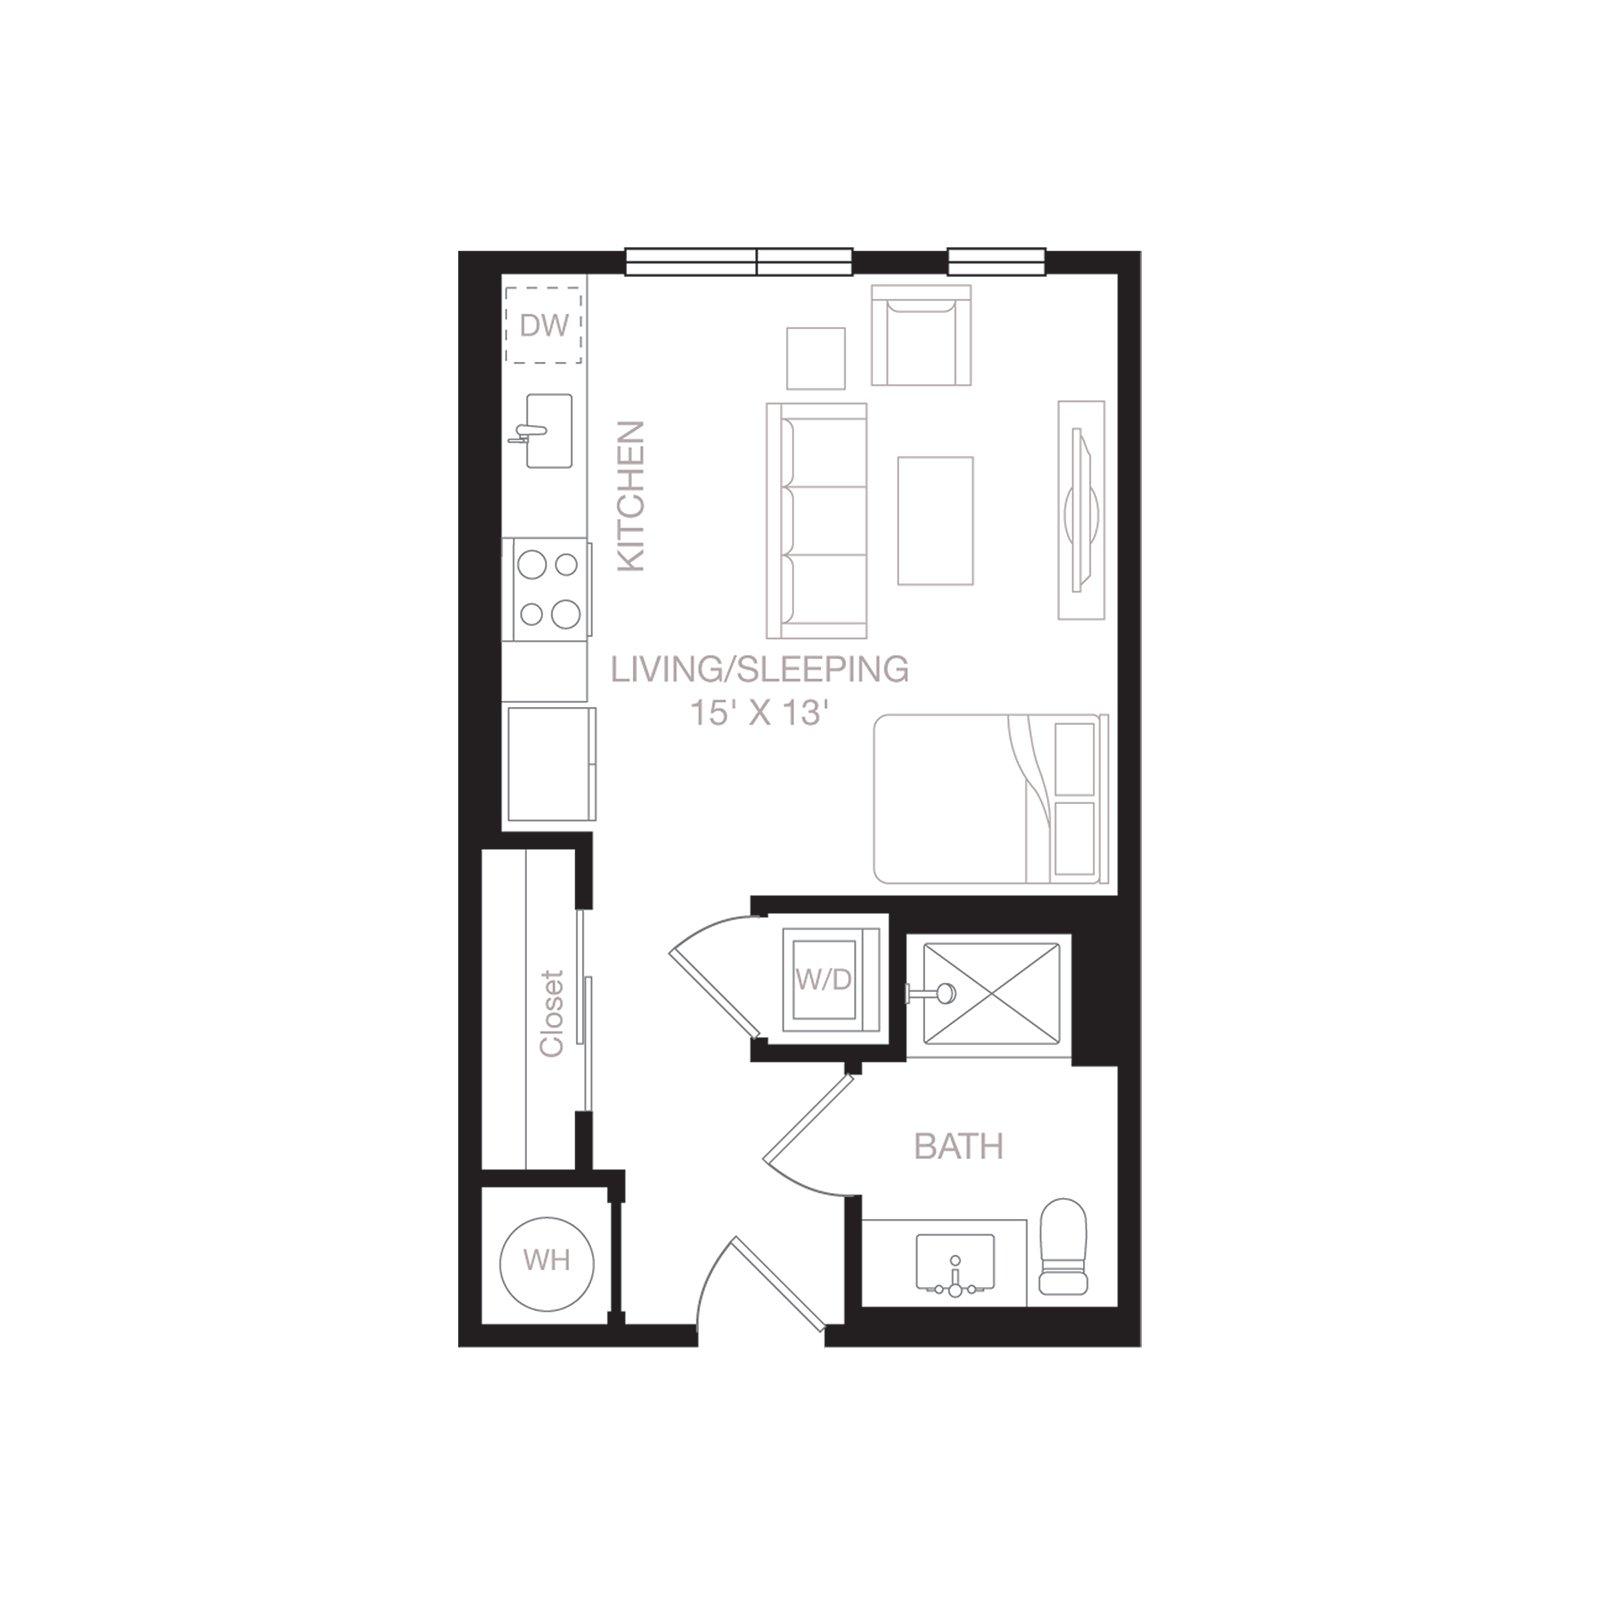 S1 | 0 Bed | 1 Bath diagram